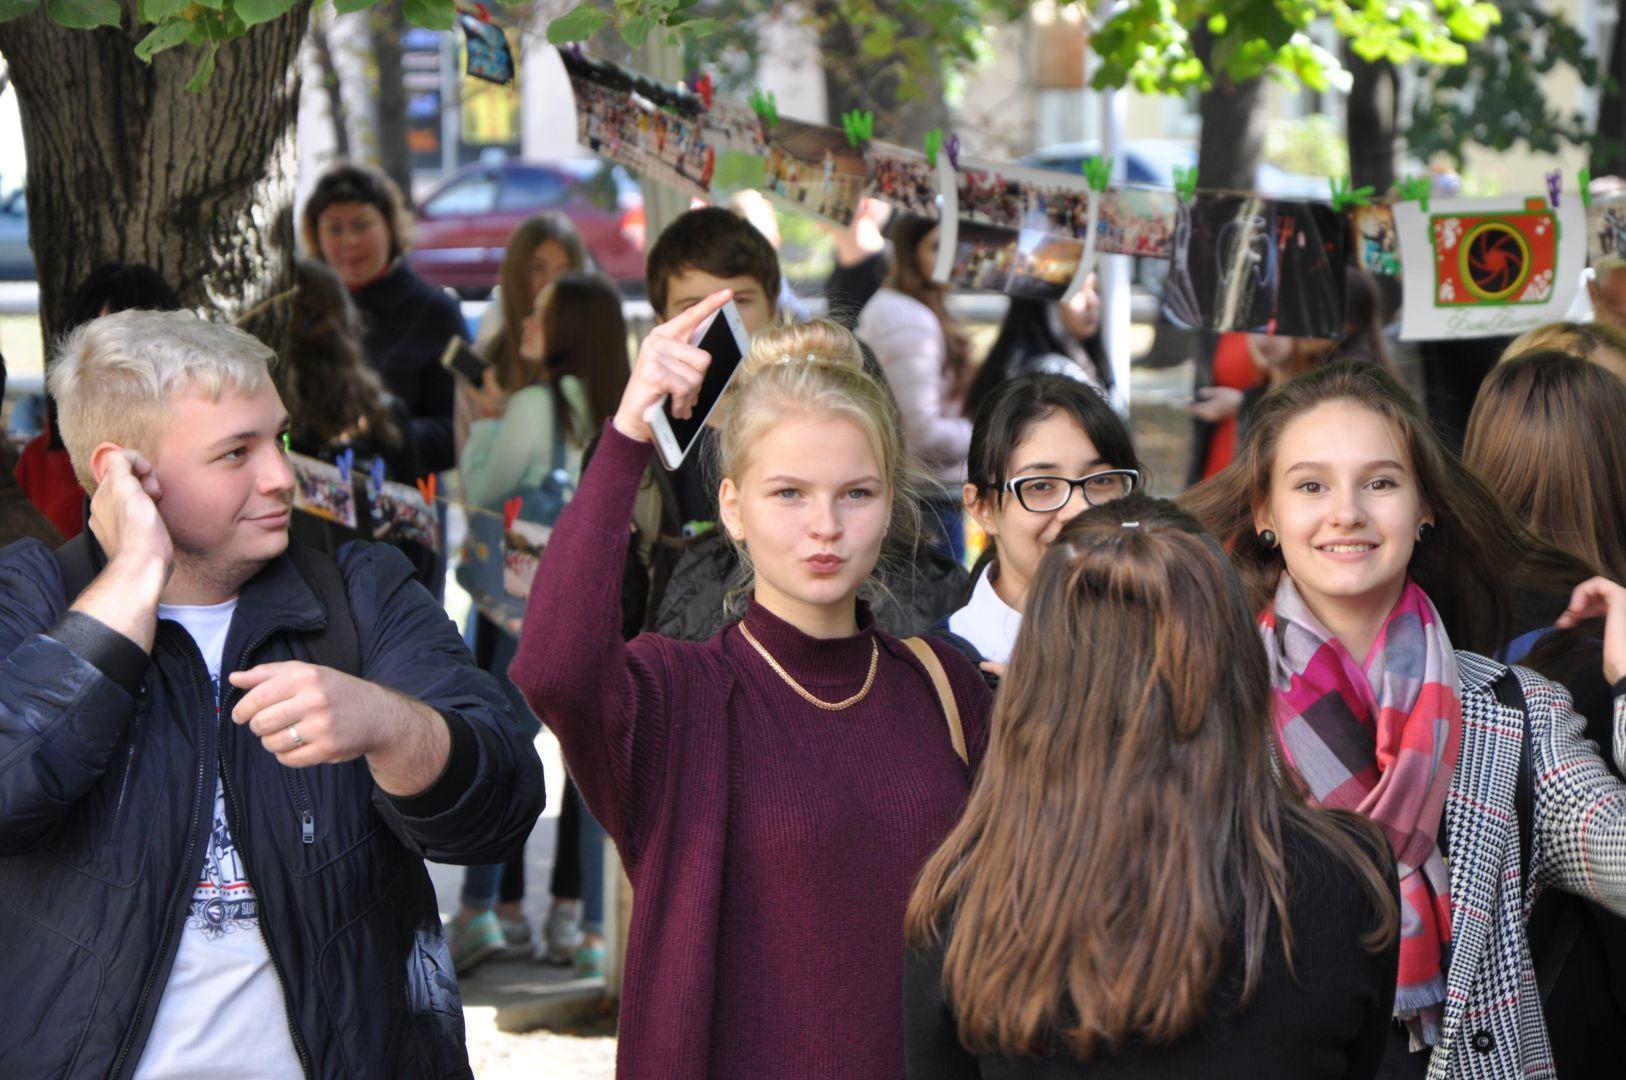 ВЕссентуках первокурсники получили вподарок ящик лапши